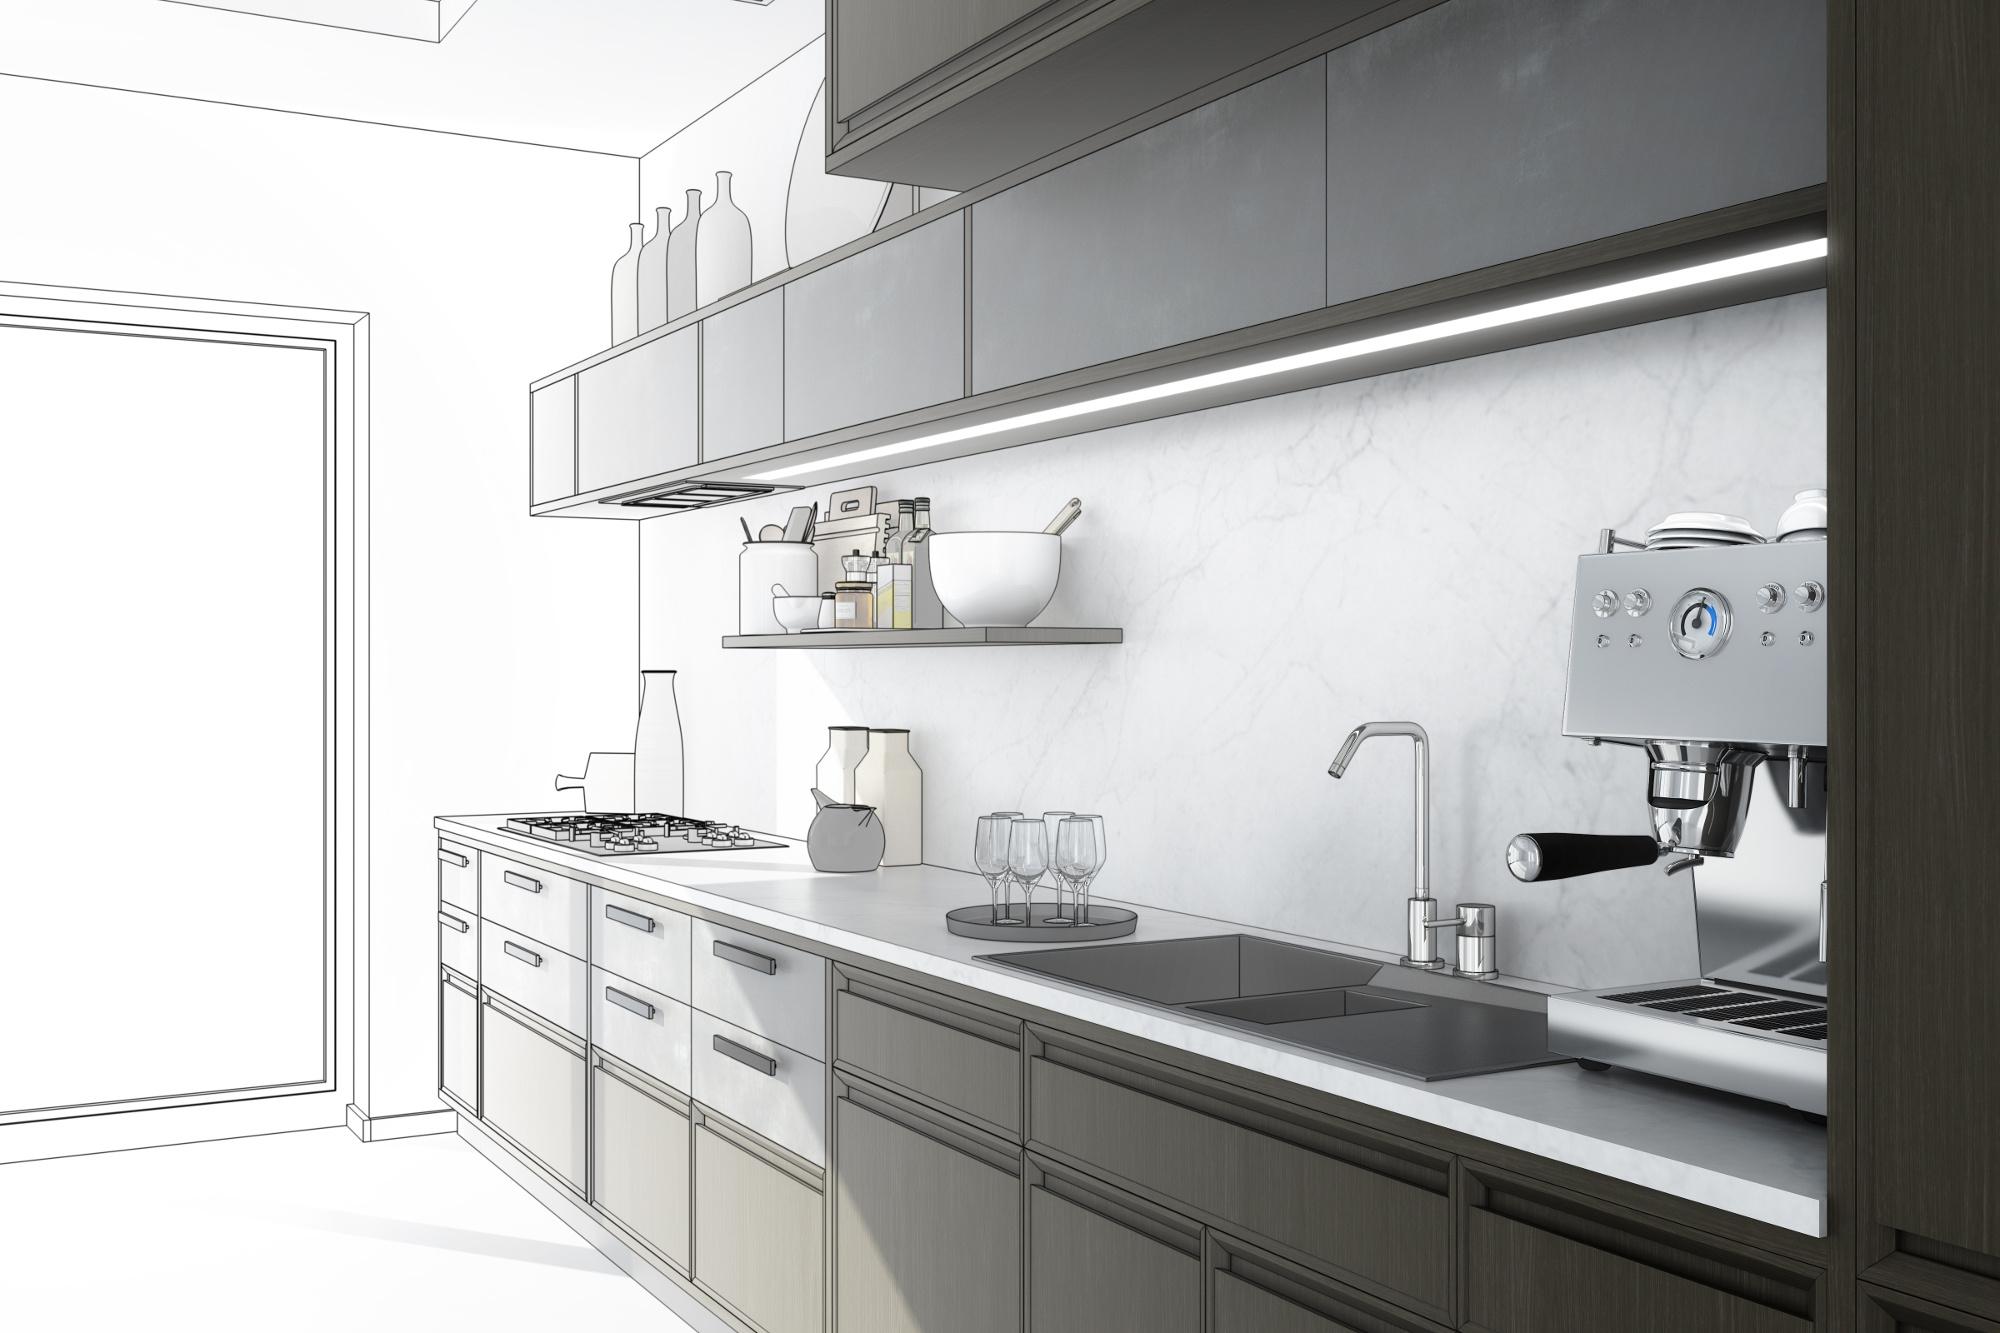 Küchenplanung im Küchenstudio oder mit Küchenplaner? | Hausjournal.net